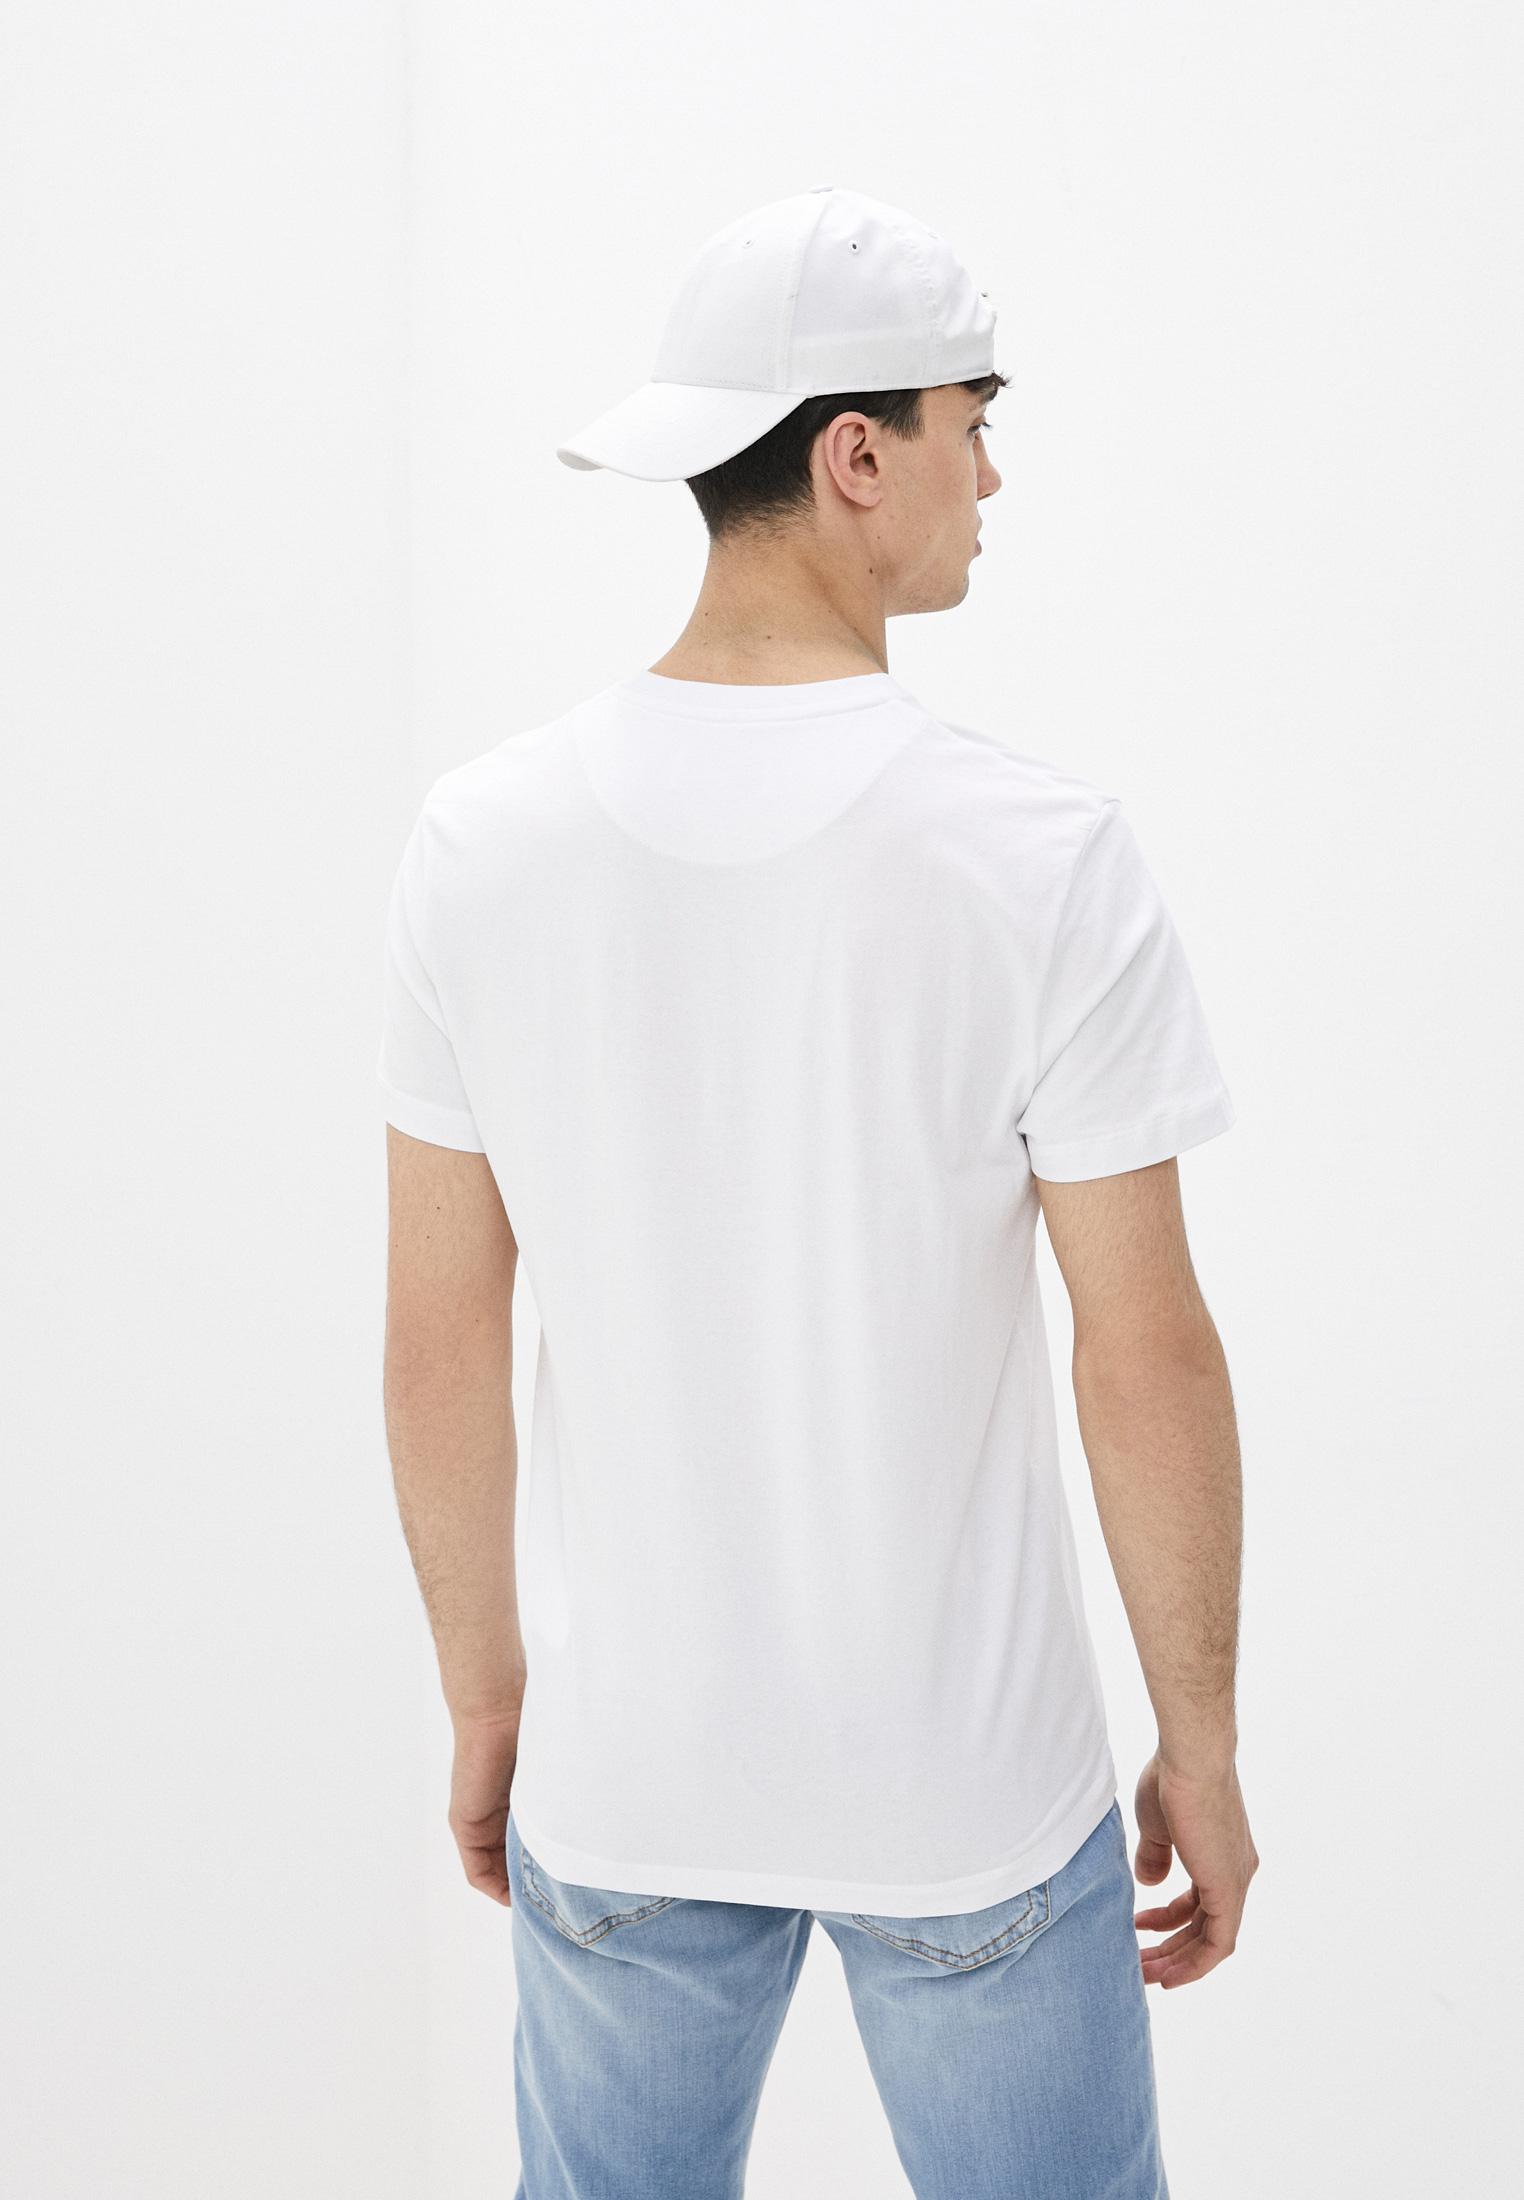 Мужская футболка Bikkembergs (Биккембергс) C 4 101 26 E 2231: изображение 4